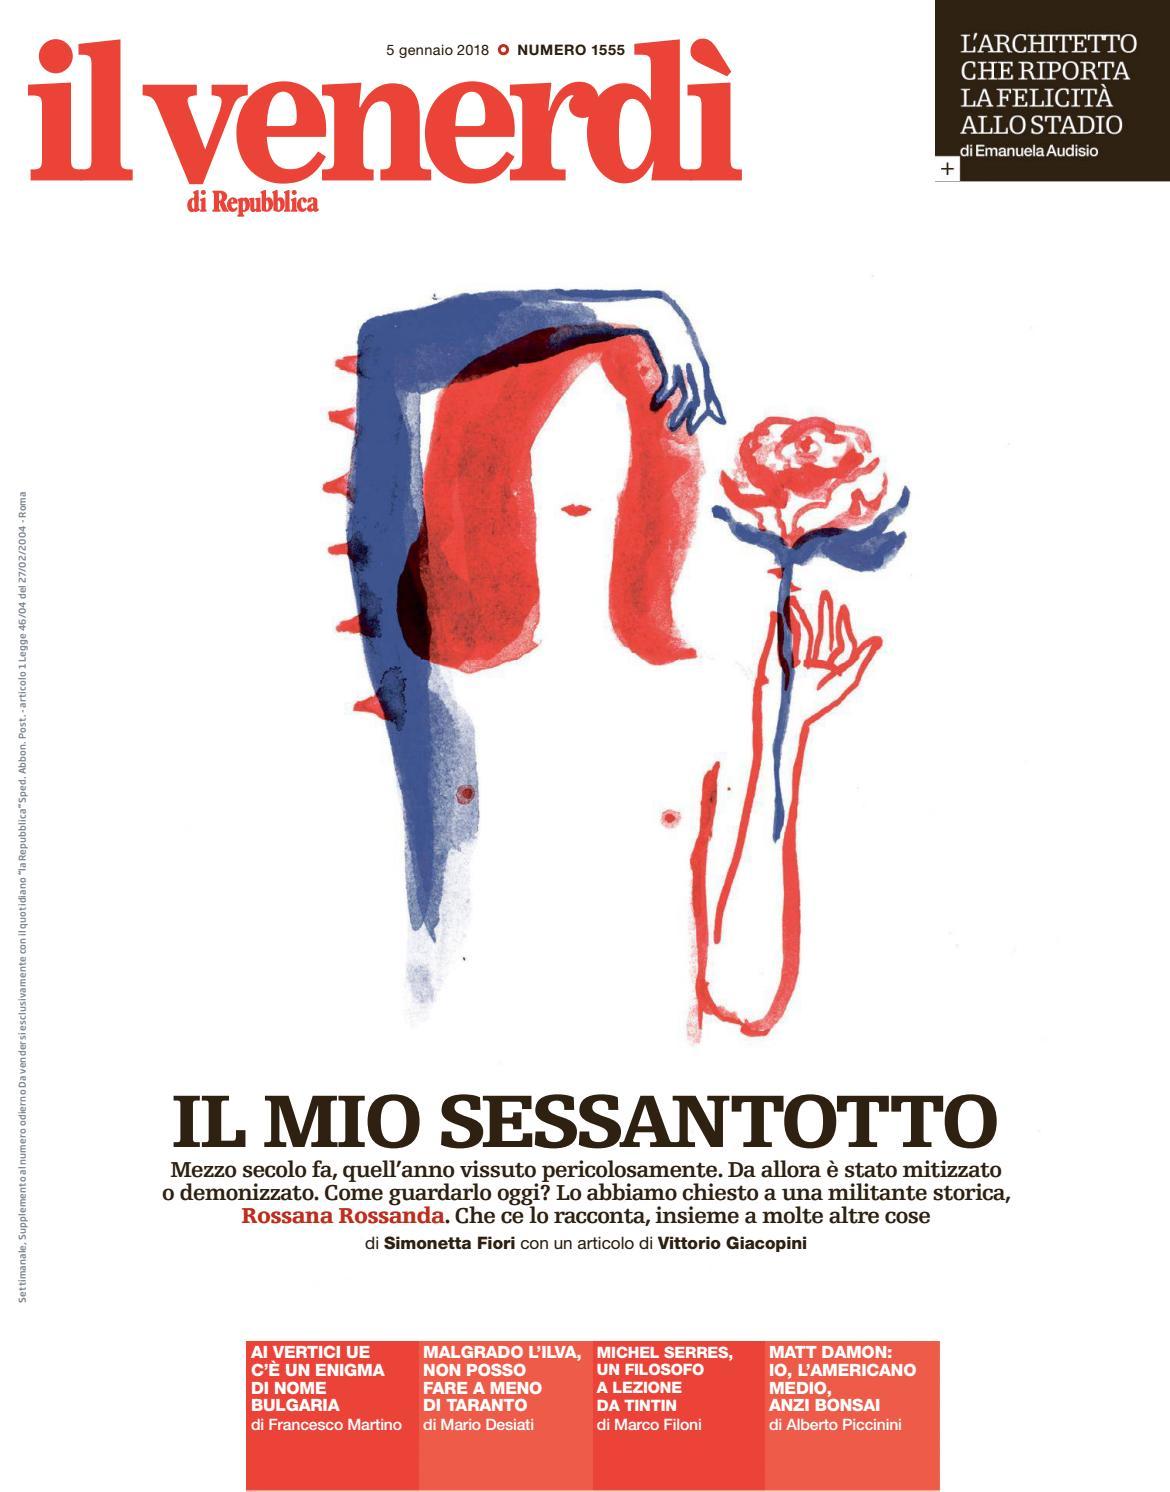 Il venerdi di repubblica il mio 68 by Laboratorio Polizia Democratica -  issuu 28b636ca19b